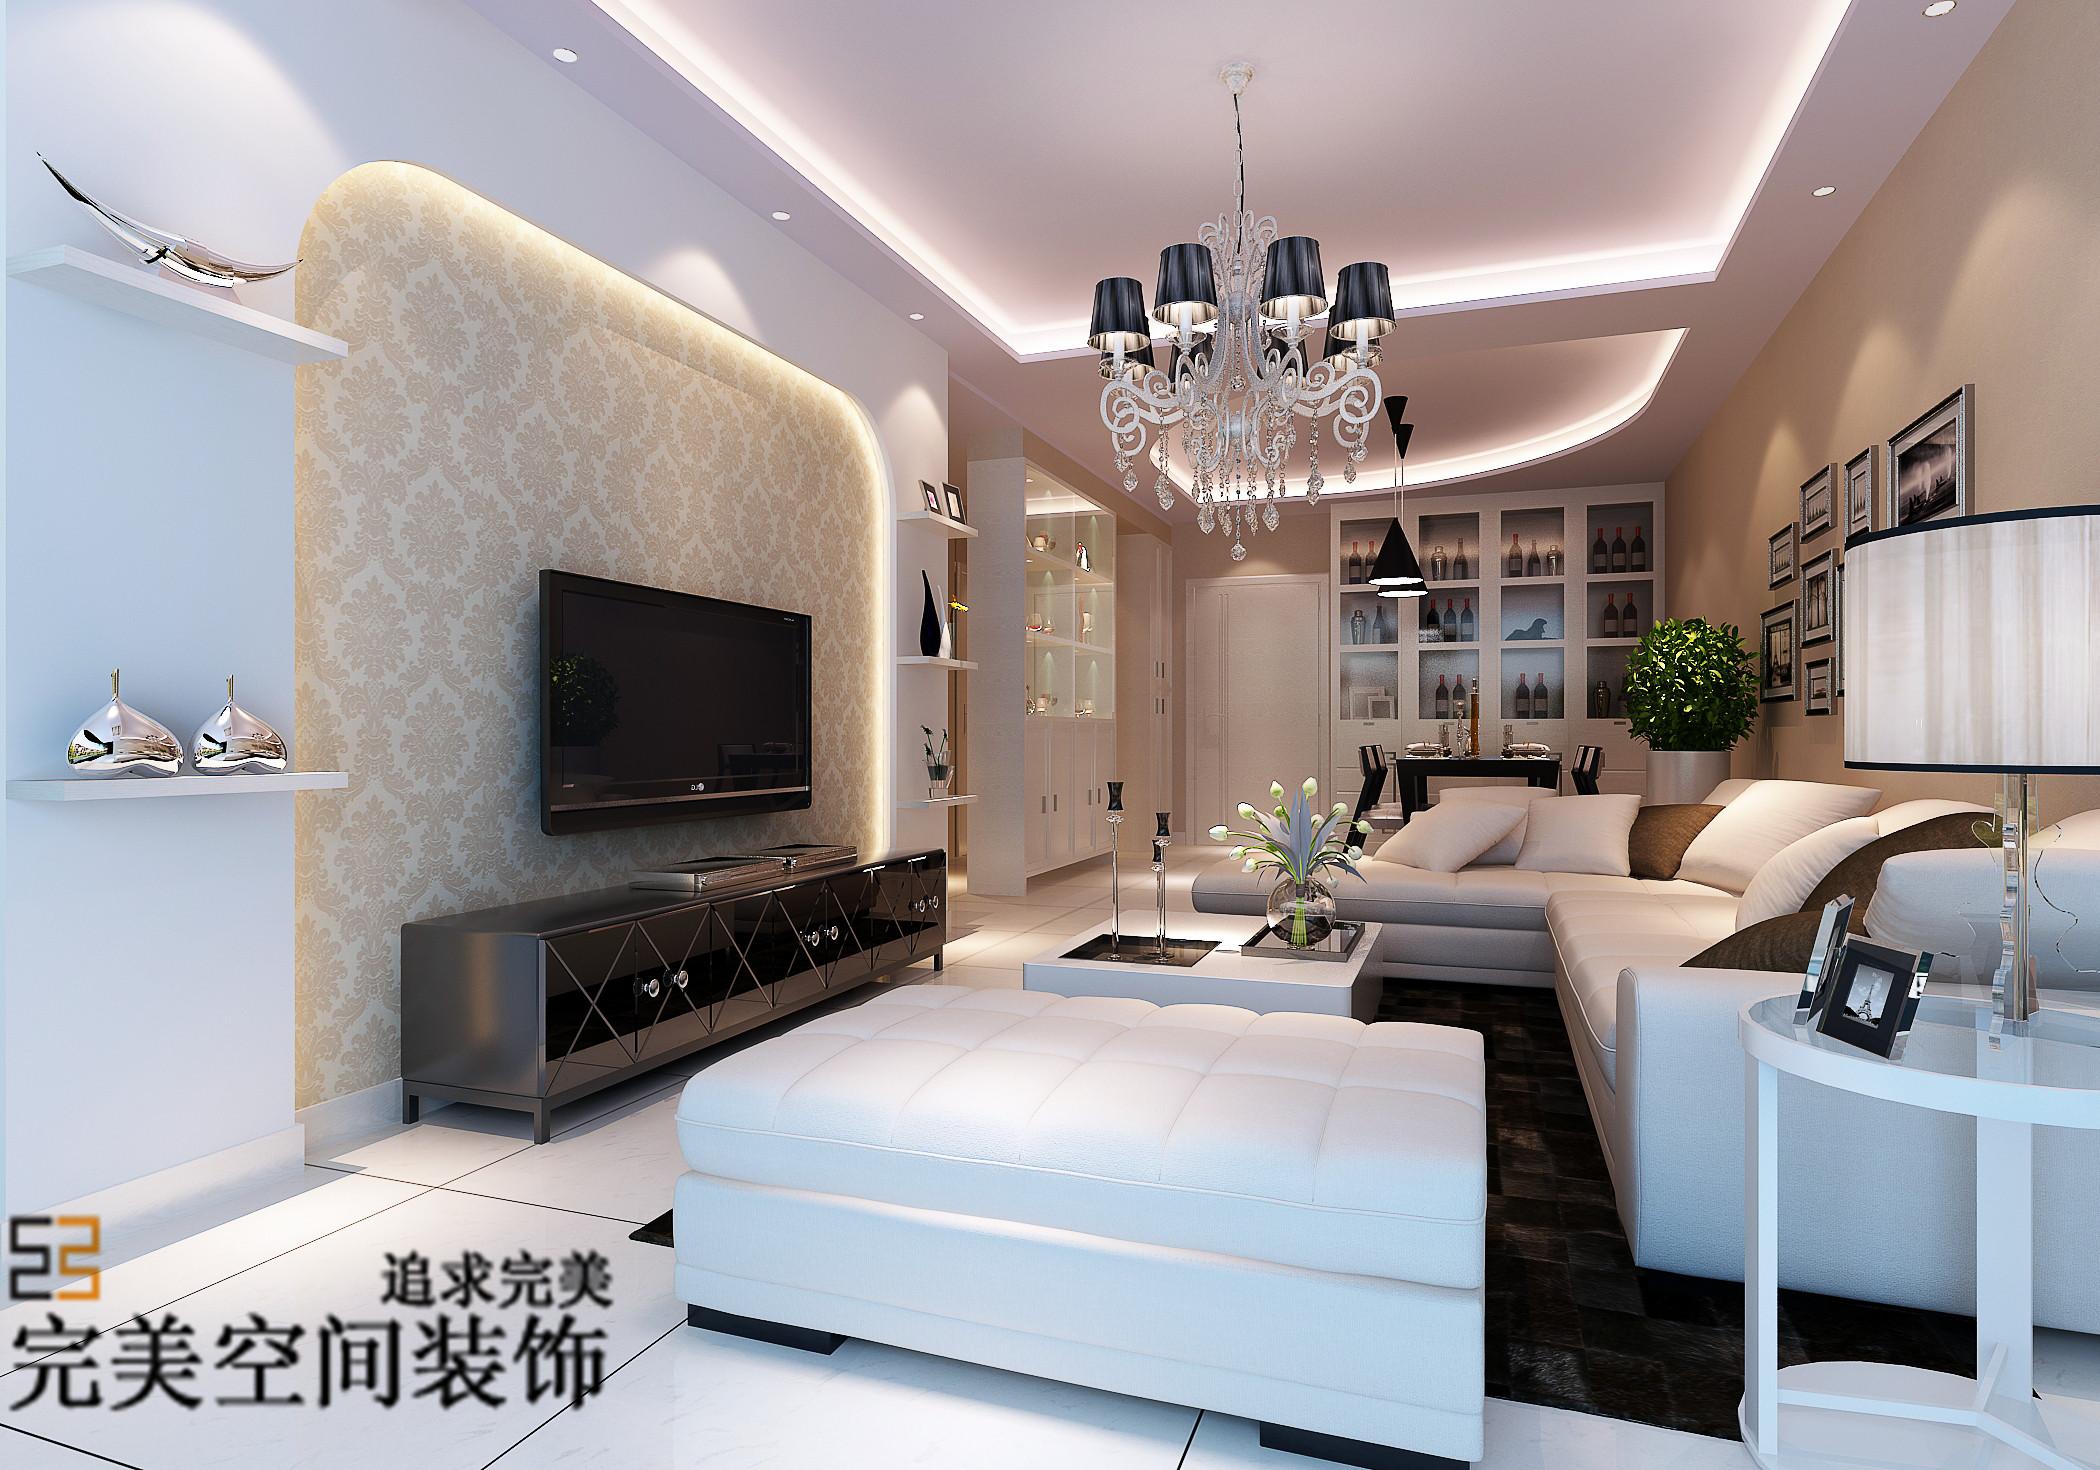 完美空间装饰★--客厅鞋柜摆放风水